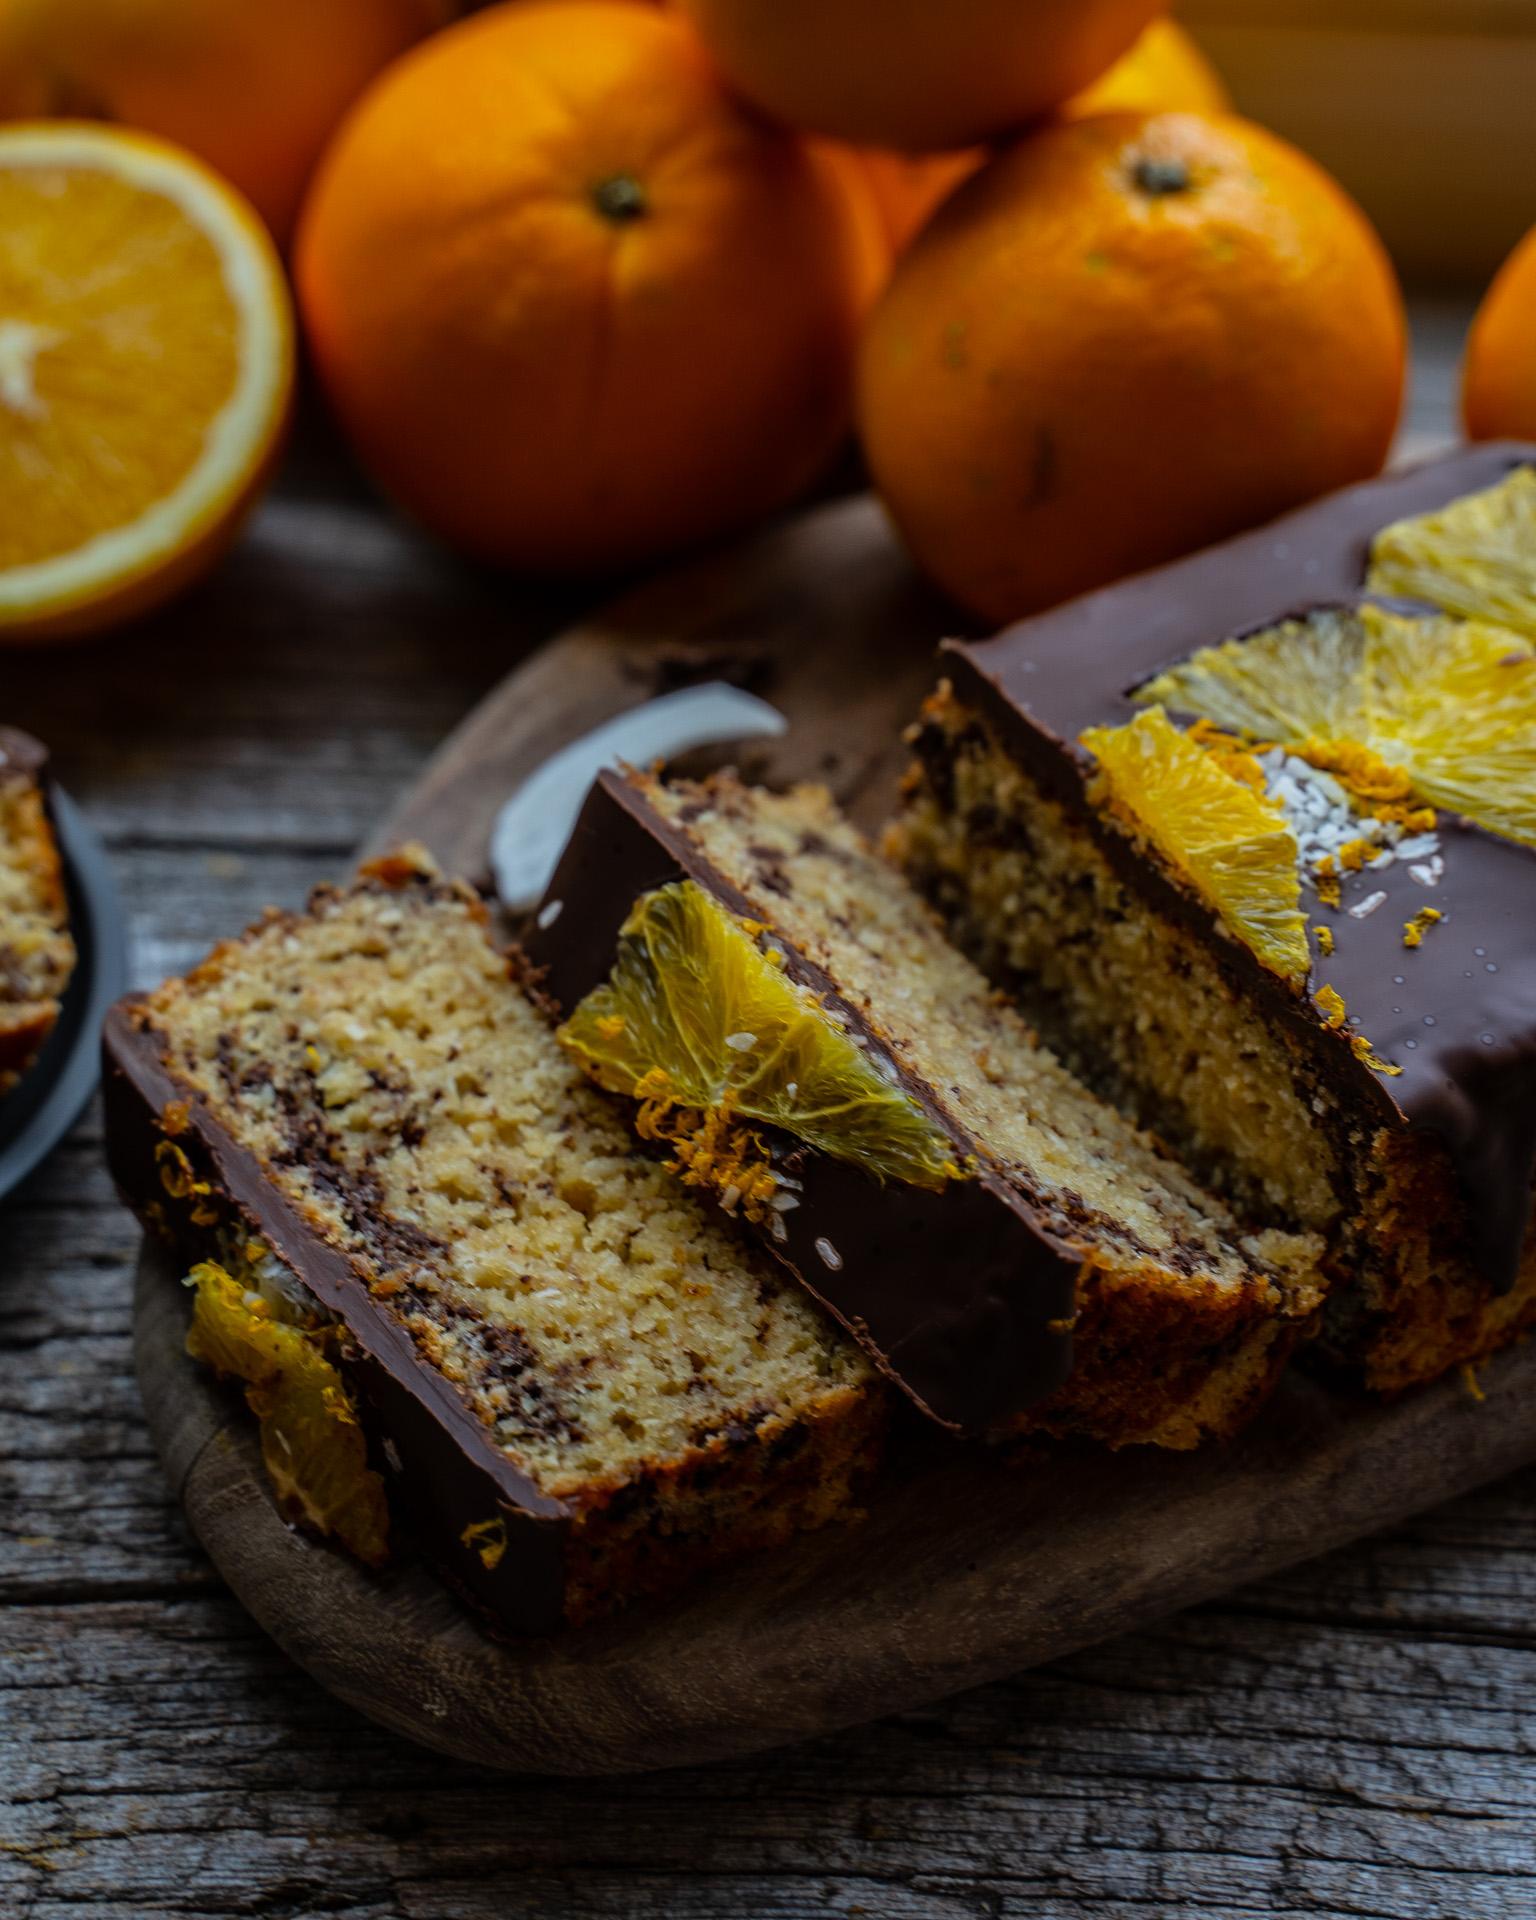 Fair Cake - Orangen Kokos Kuchen vegan aus fairen Zutaten Mrs Flury